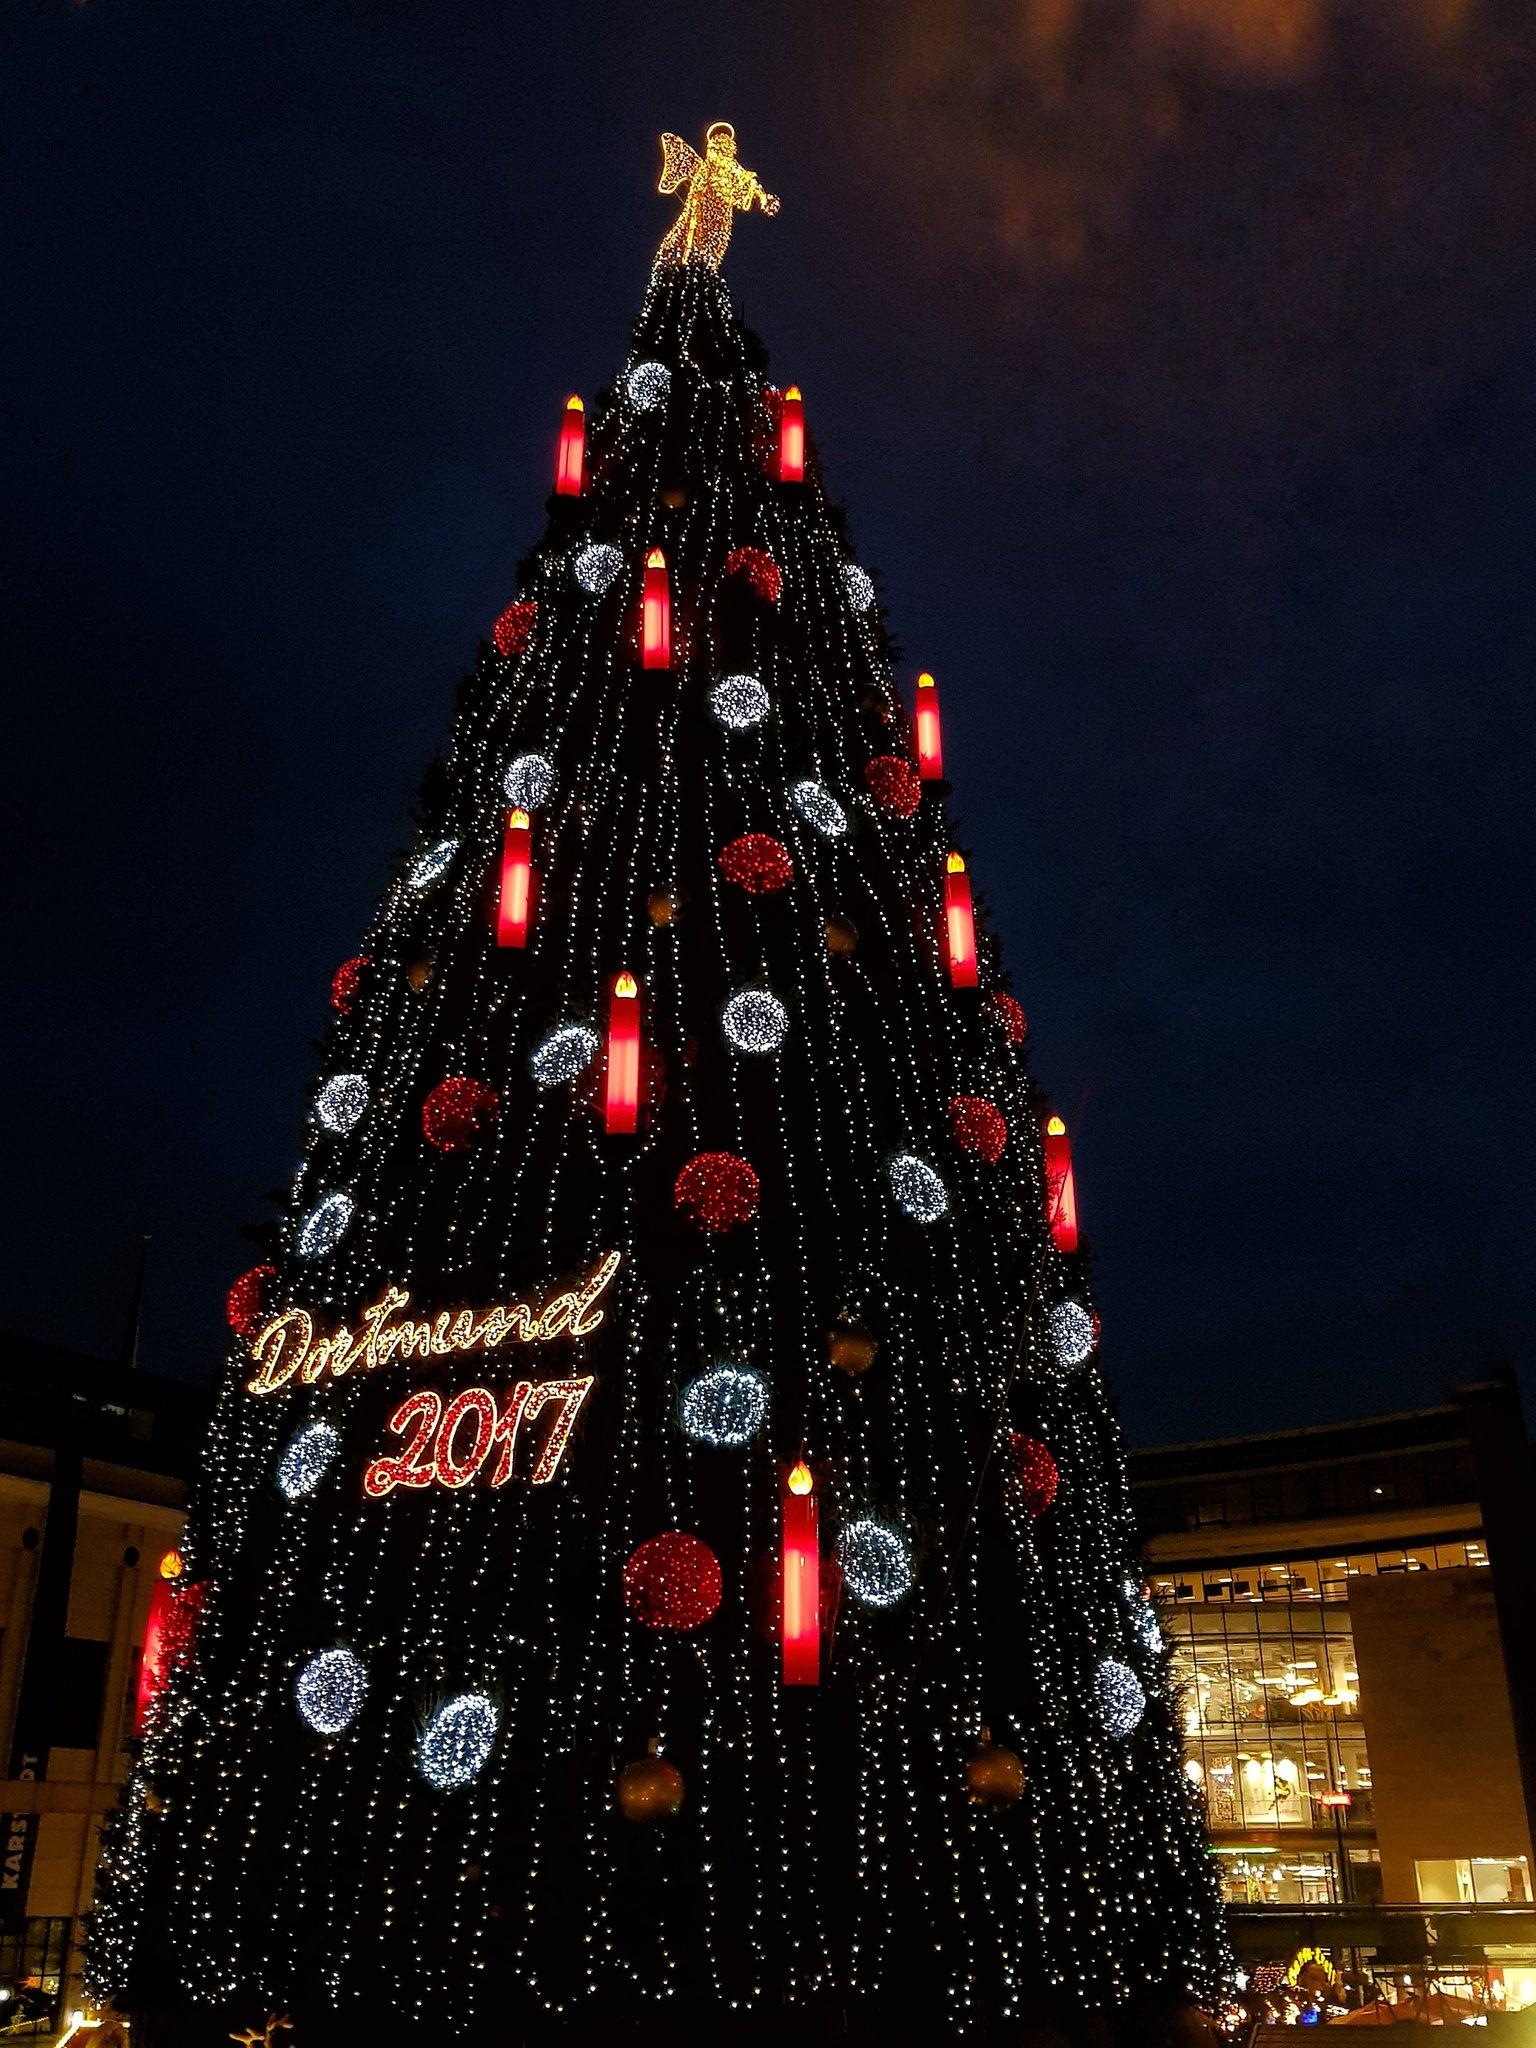 Dortmund Weihnachtsbaum.Dortmunder Weihnachtsbaum In Voller Beleuchtung